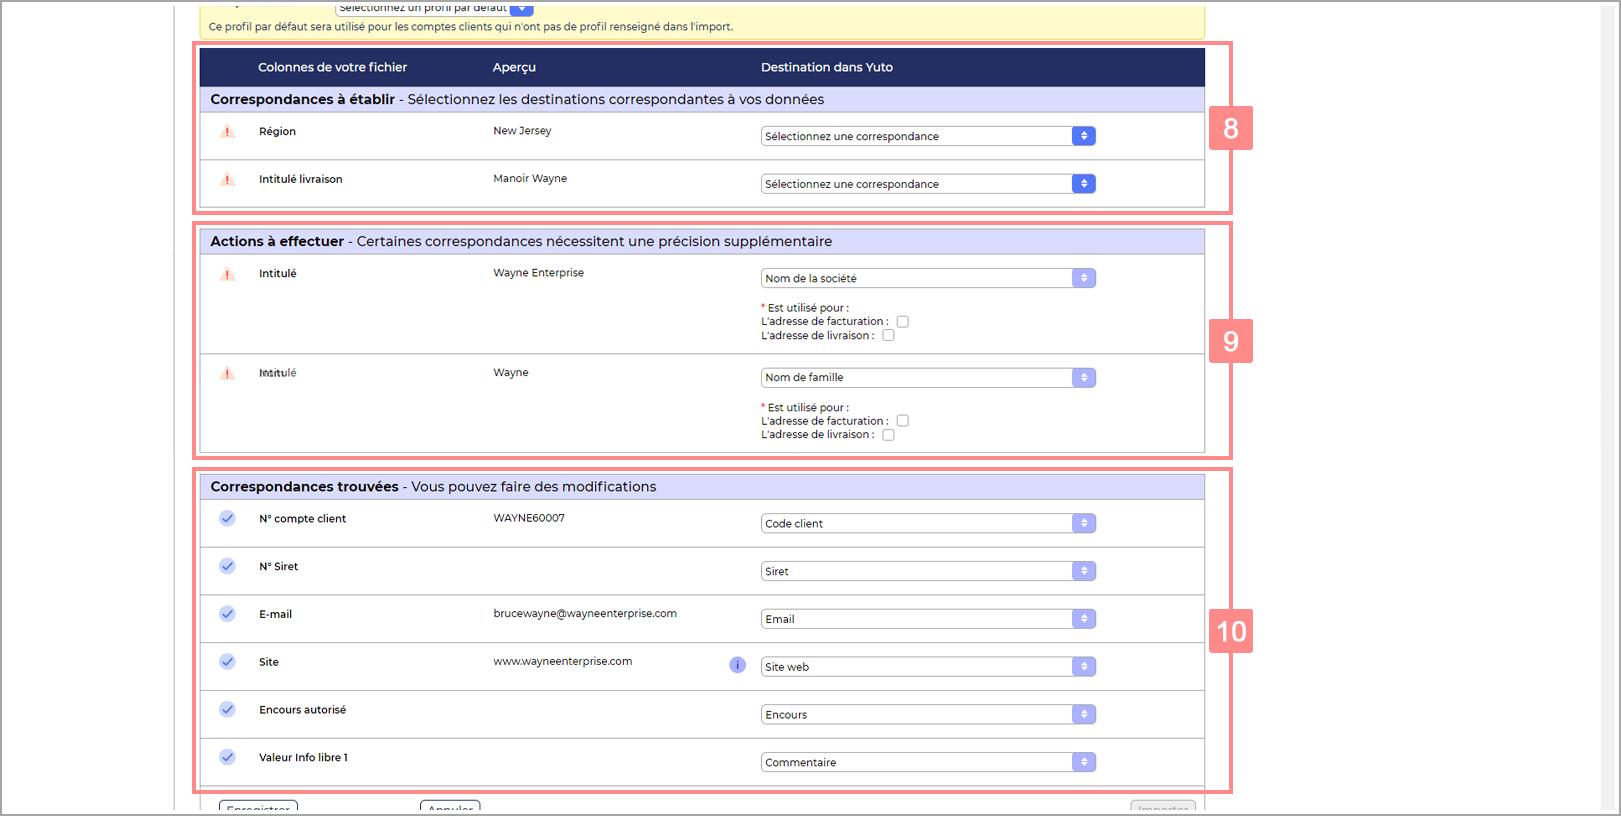 Page de configuration de l'import RiaShop - Catégories du tableau de maillage